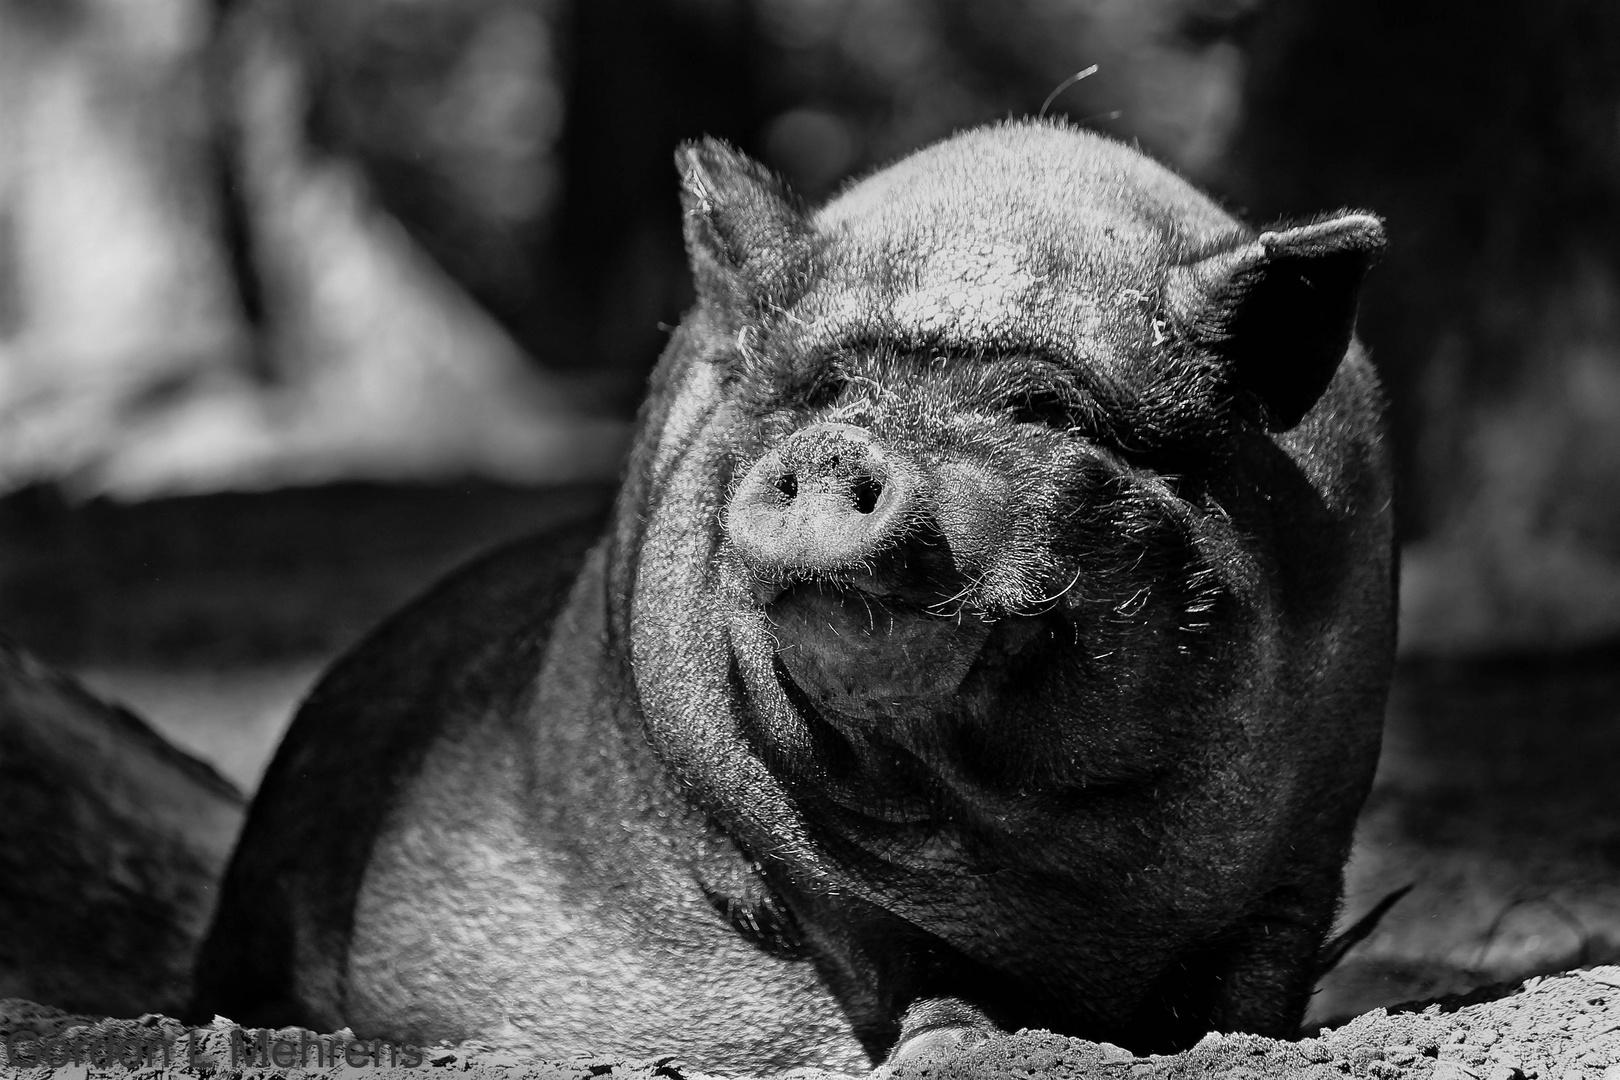 Hallo, ein Schwein